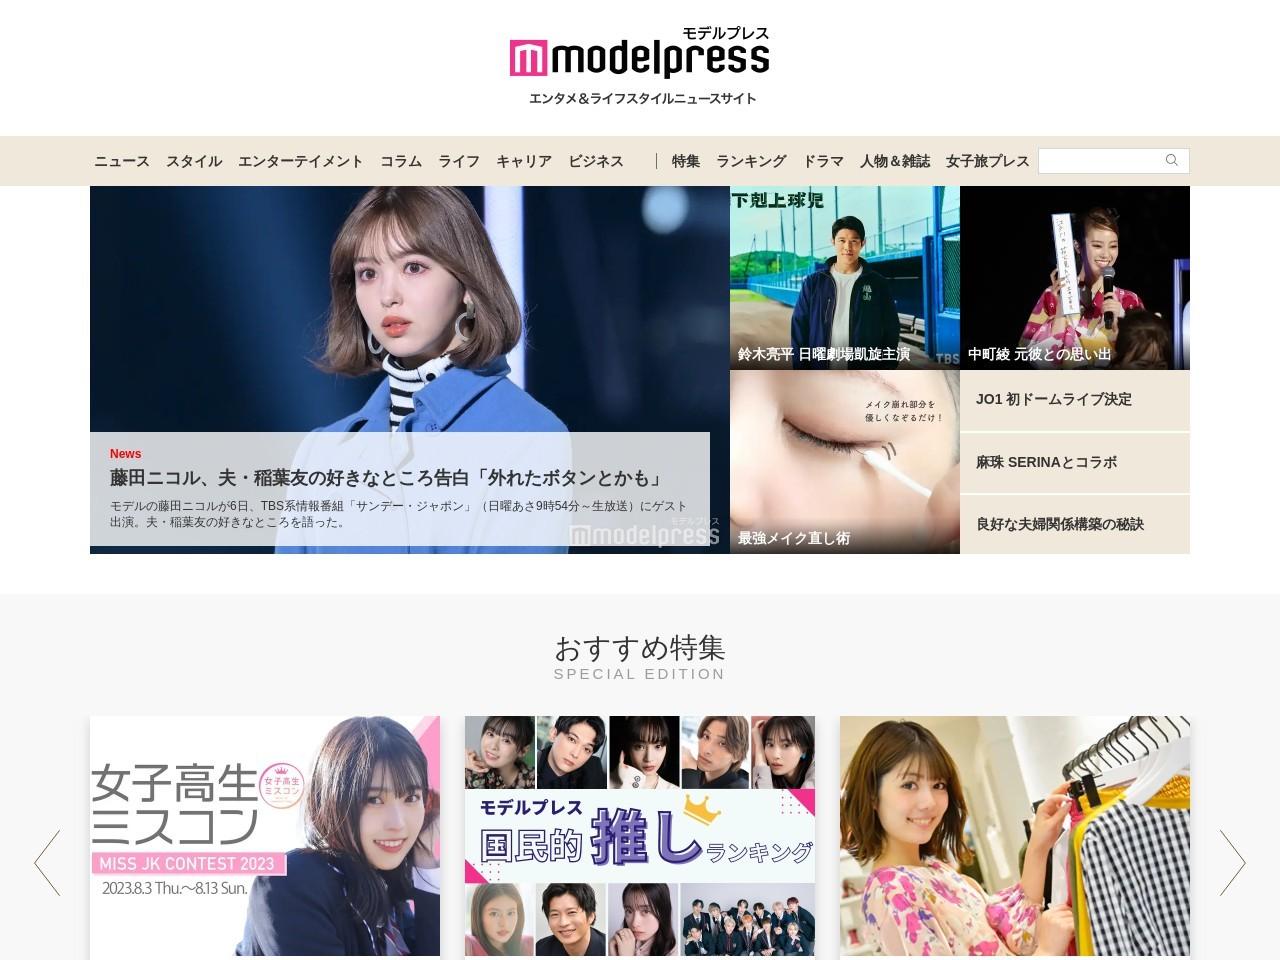 乃木坂46写真集「乃木撮」18.2万部で史上最大ヒット作に ヒット要因を分析